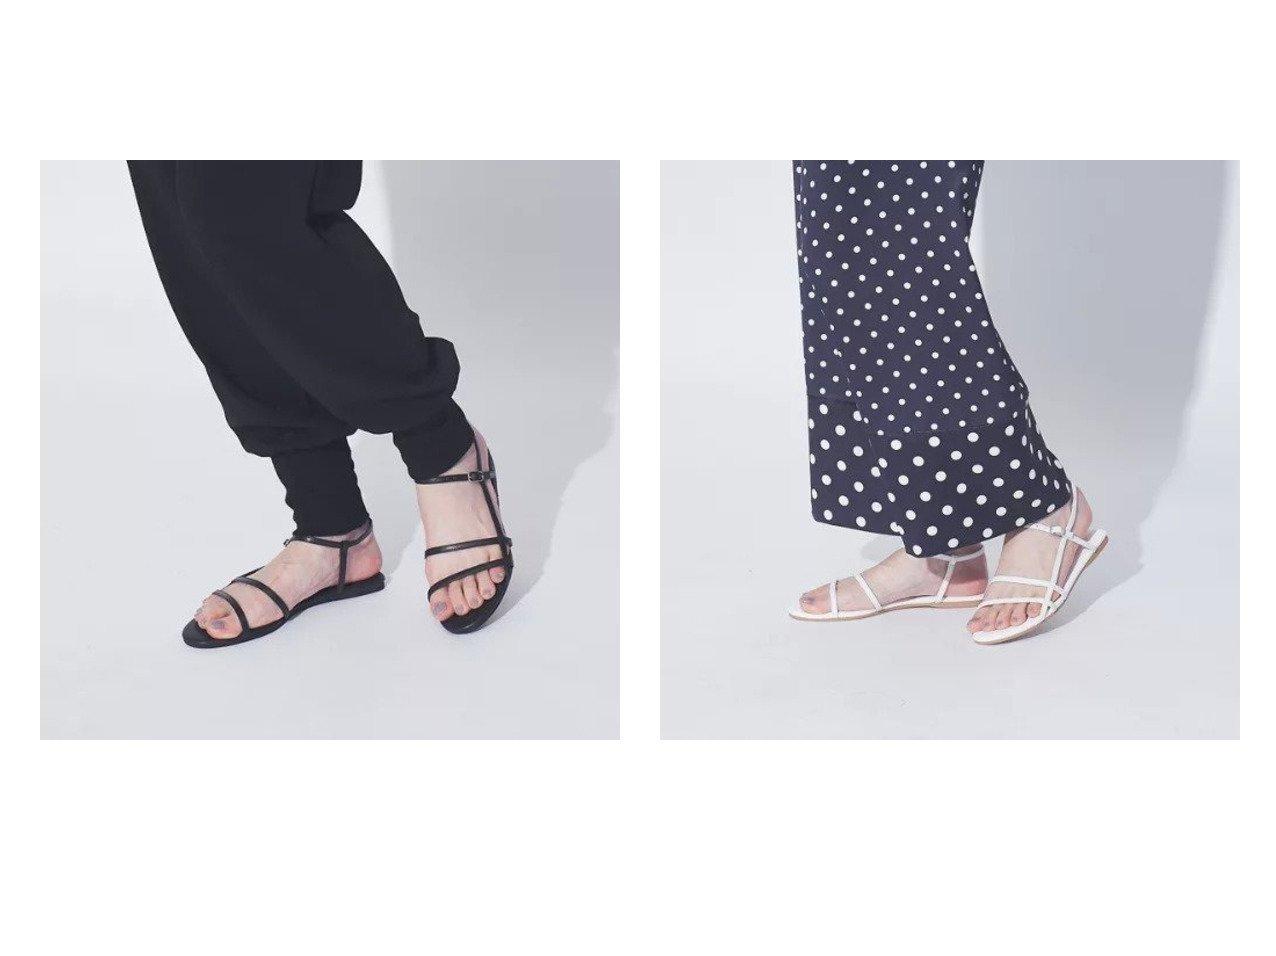 【Rouge vif/ルージュ ヴィフ】のストラップフラットサンダル 【シューズ・靴】おすすめ!人気トレンド・レディースファッション通販 おすすめで人気の流行・トレンド、ファッションの通販商品 インテリア・家具・メンズファッション・キッズファッション・レディースファッション・服の通販 founy(ファニー) https://founy.com/ ファッション Fashion レディースファッション WOMEN インソール クッション サンダル シューズ フラット ラップ |ID:crp329100000052945